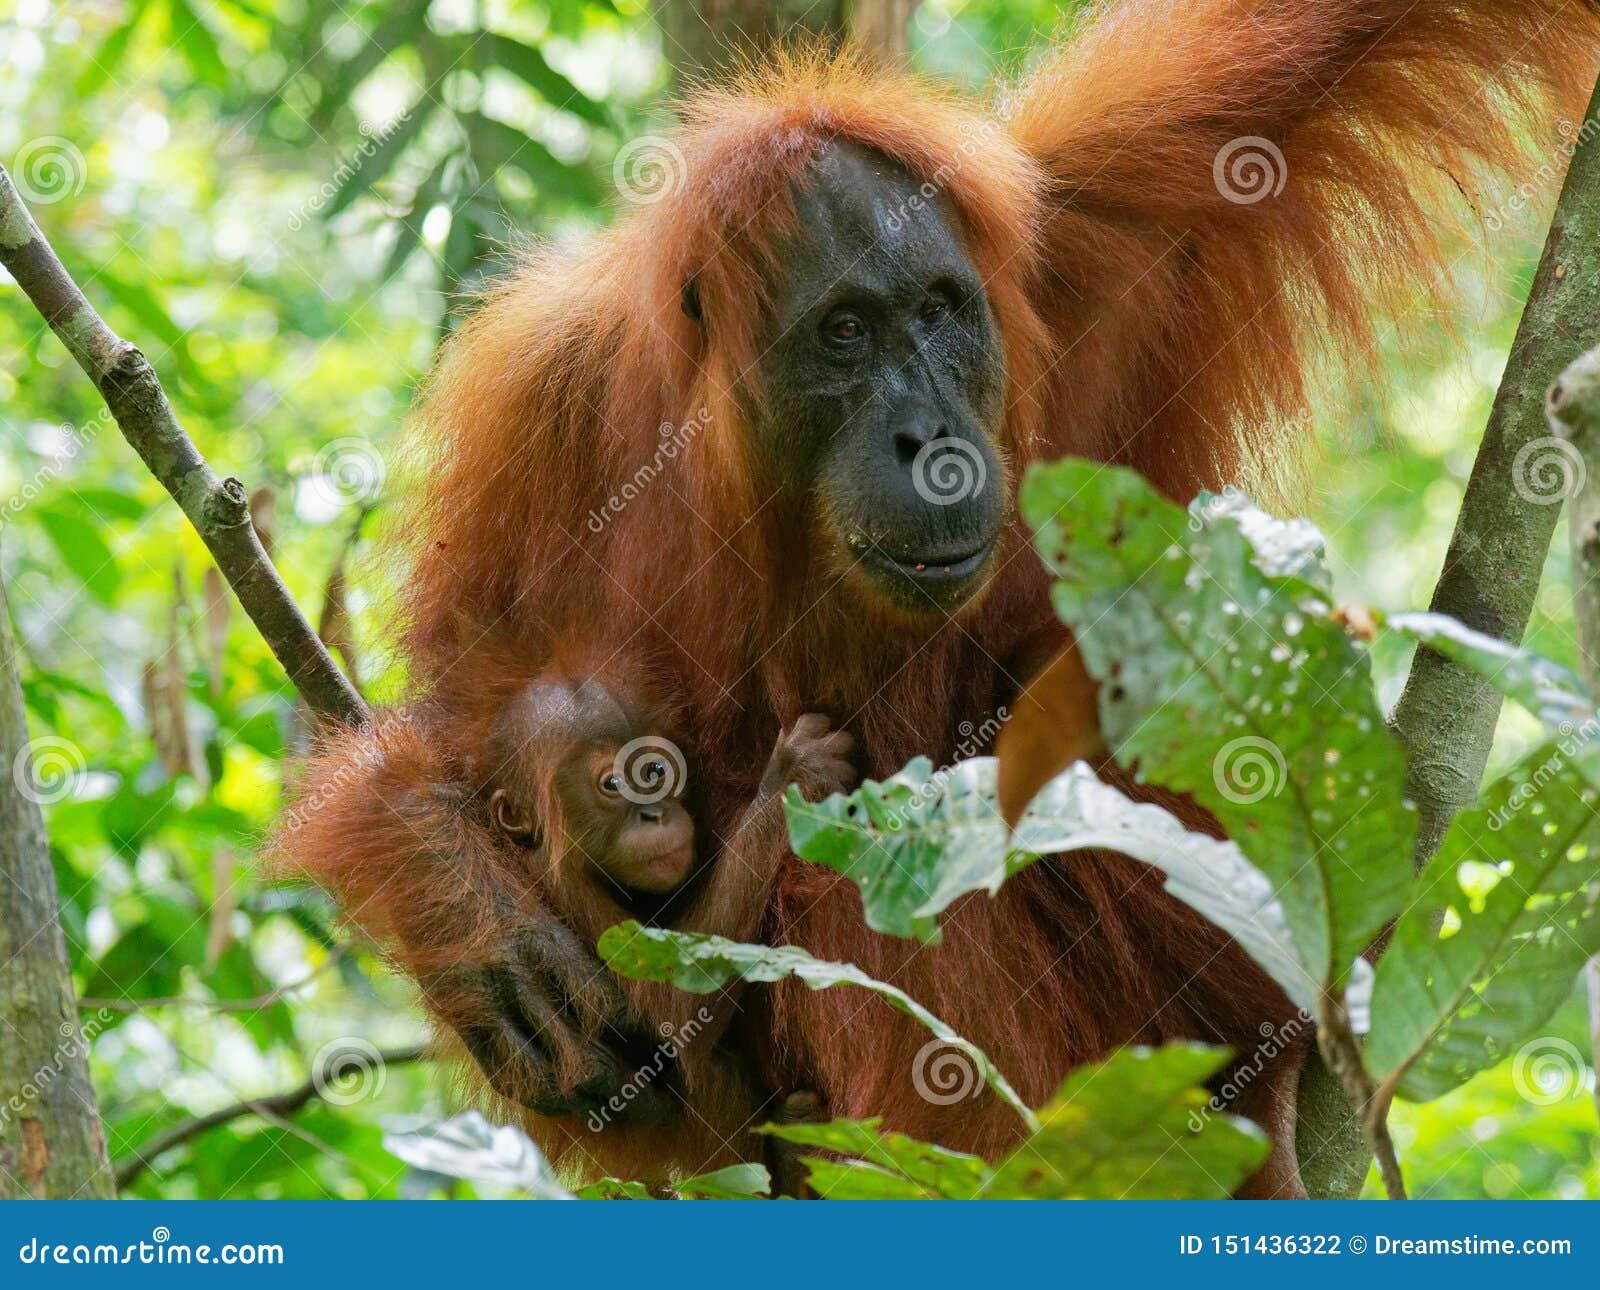 Orang utan with little baby